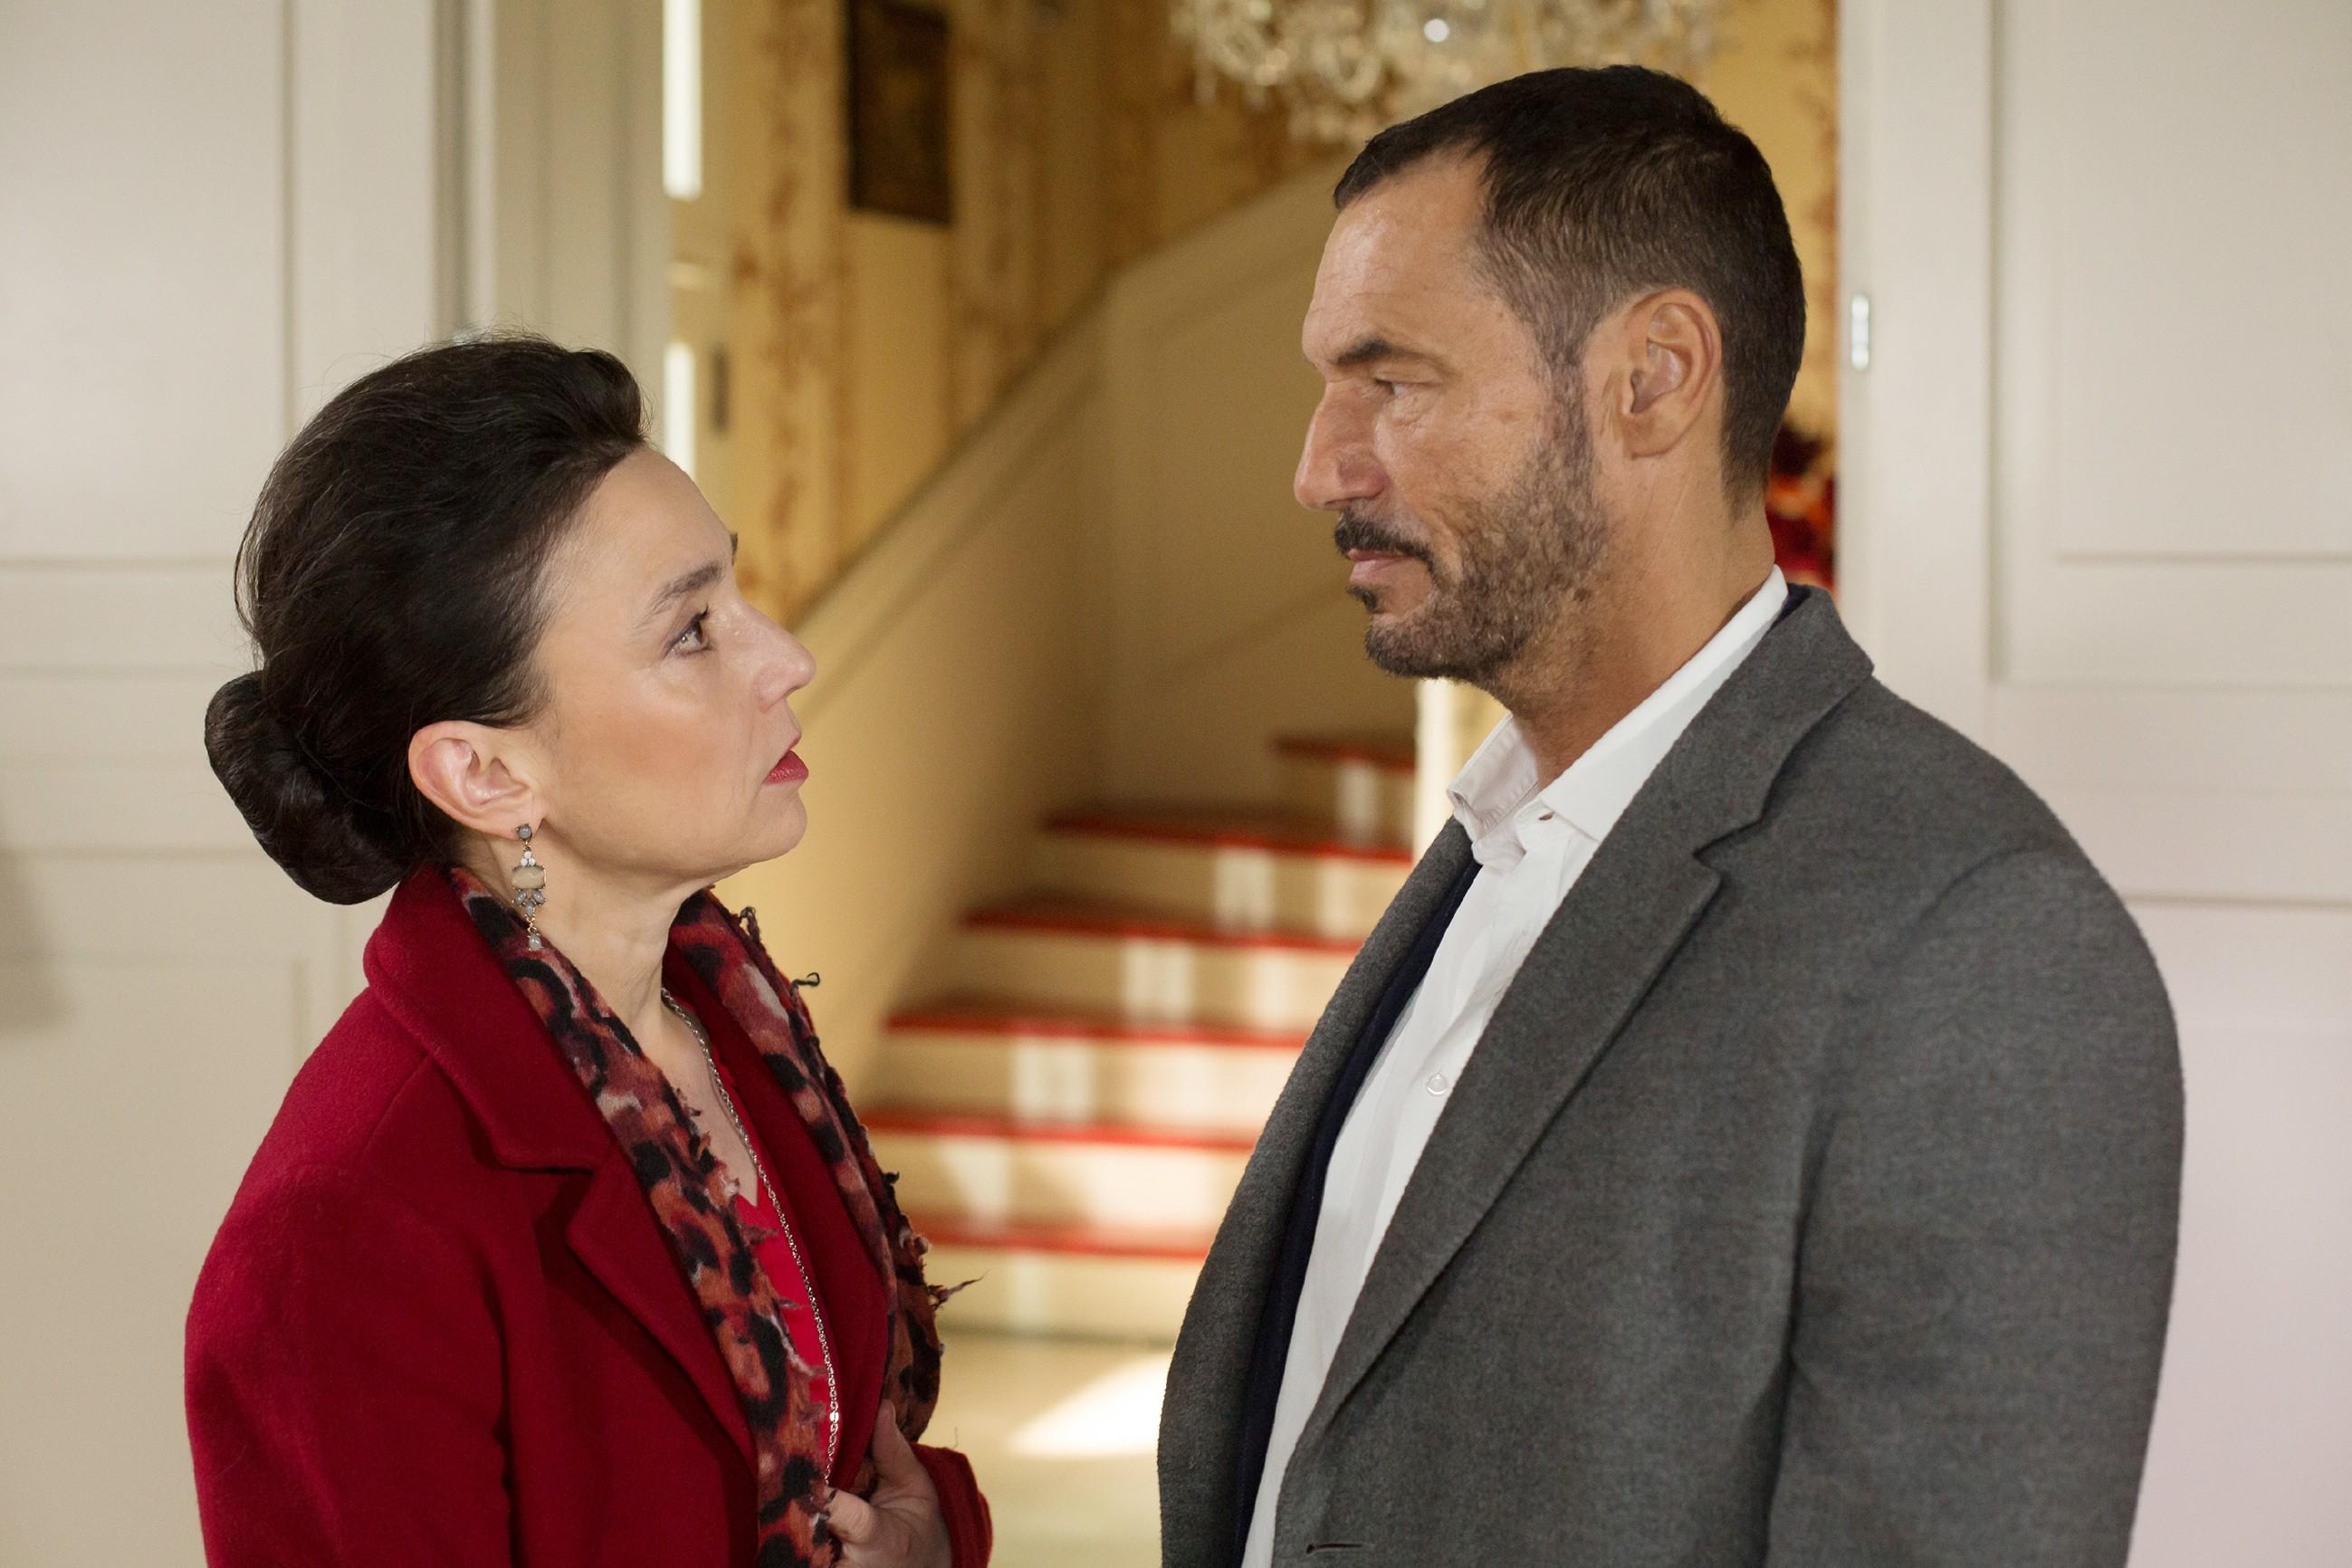 Als Simone (Tatjana Clasing) Richard (Sivian-Pierre Leirich) den Deal mit Vincent gesteht, ist Richard fassungslos und will diese hinterhältige Lüge nicht vor Michelle decken. (Quelle: RTL / Michael Böhme)